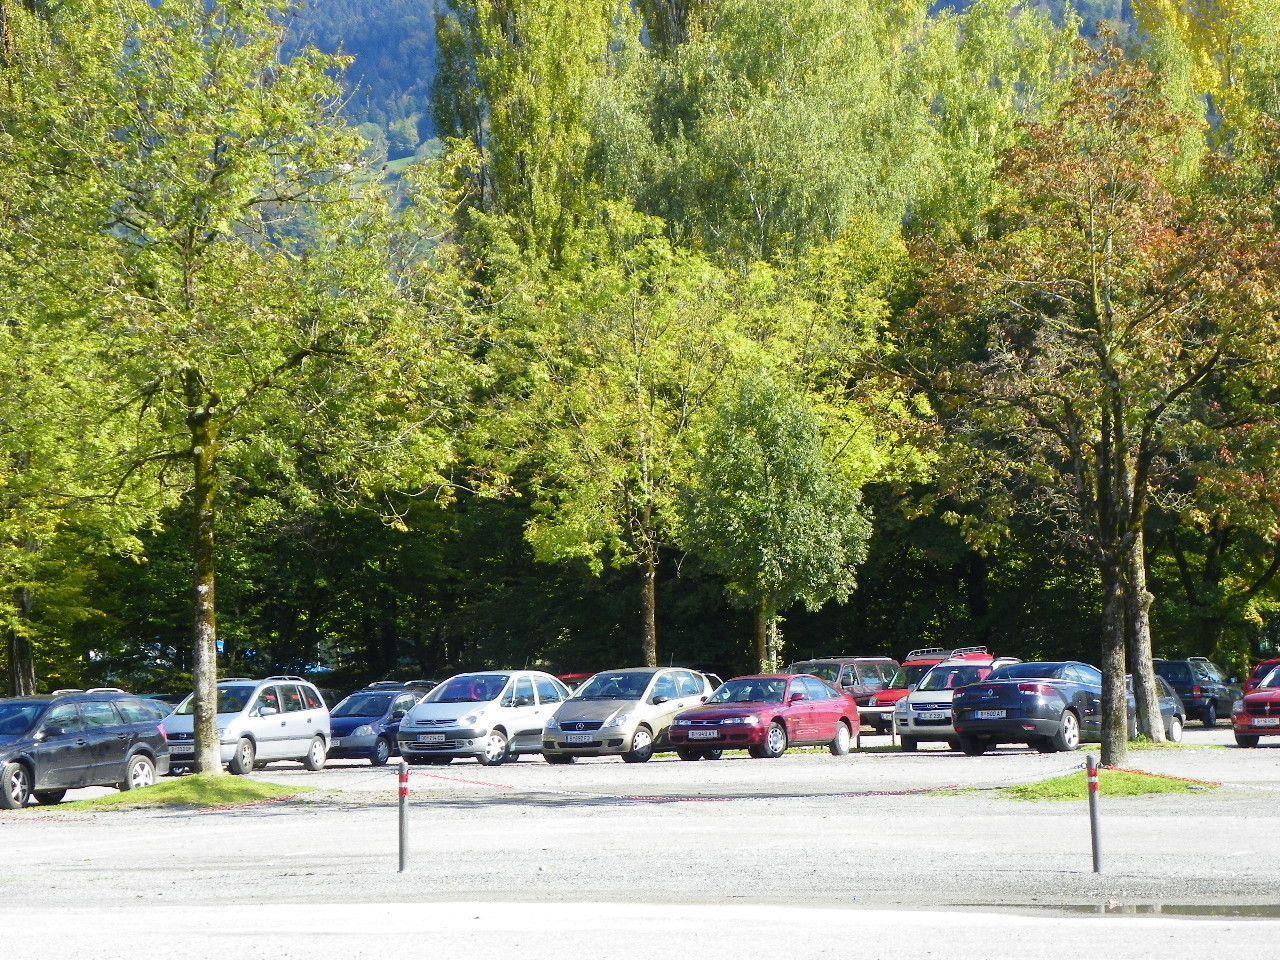 Erweiterung des Parkangebots